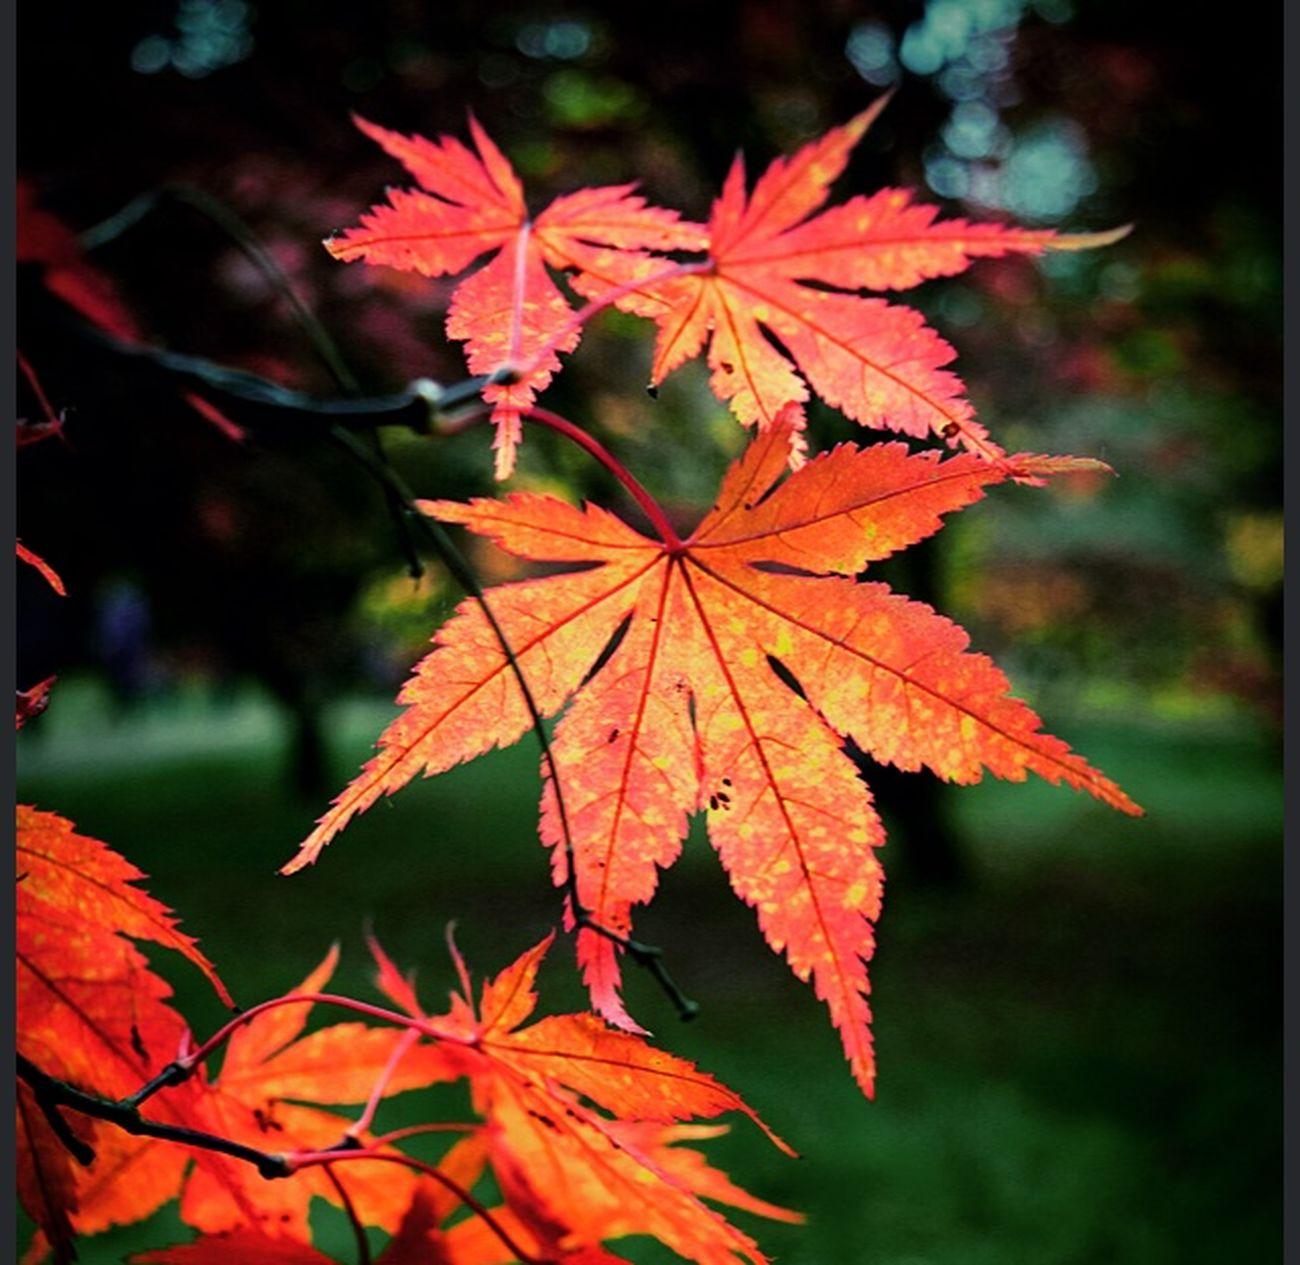 Arboretum Westonbirt Arboretum Autumn Colors Autumn Autumn Leaves